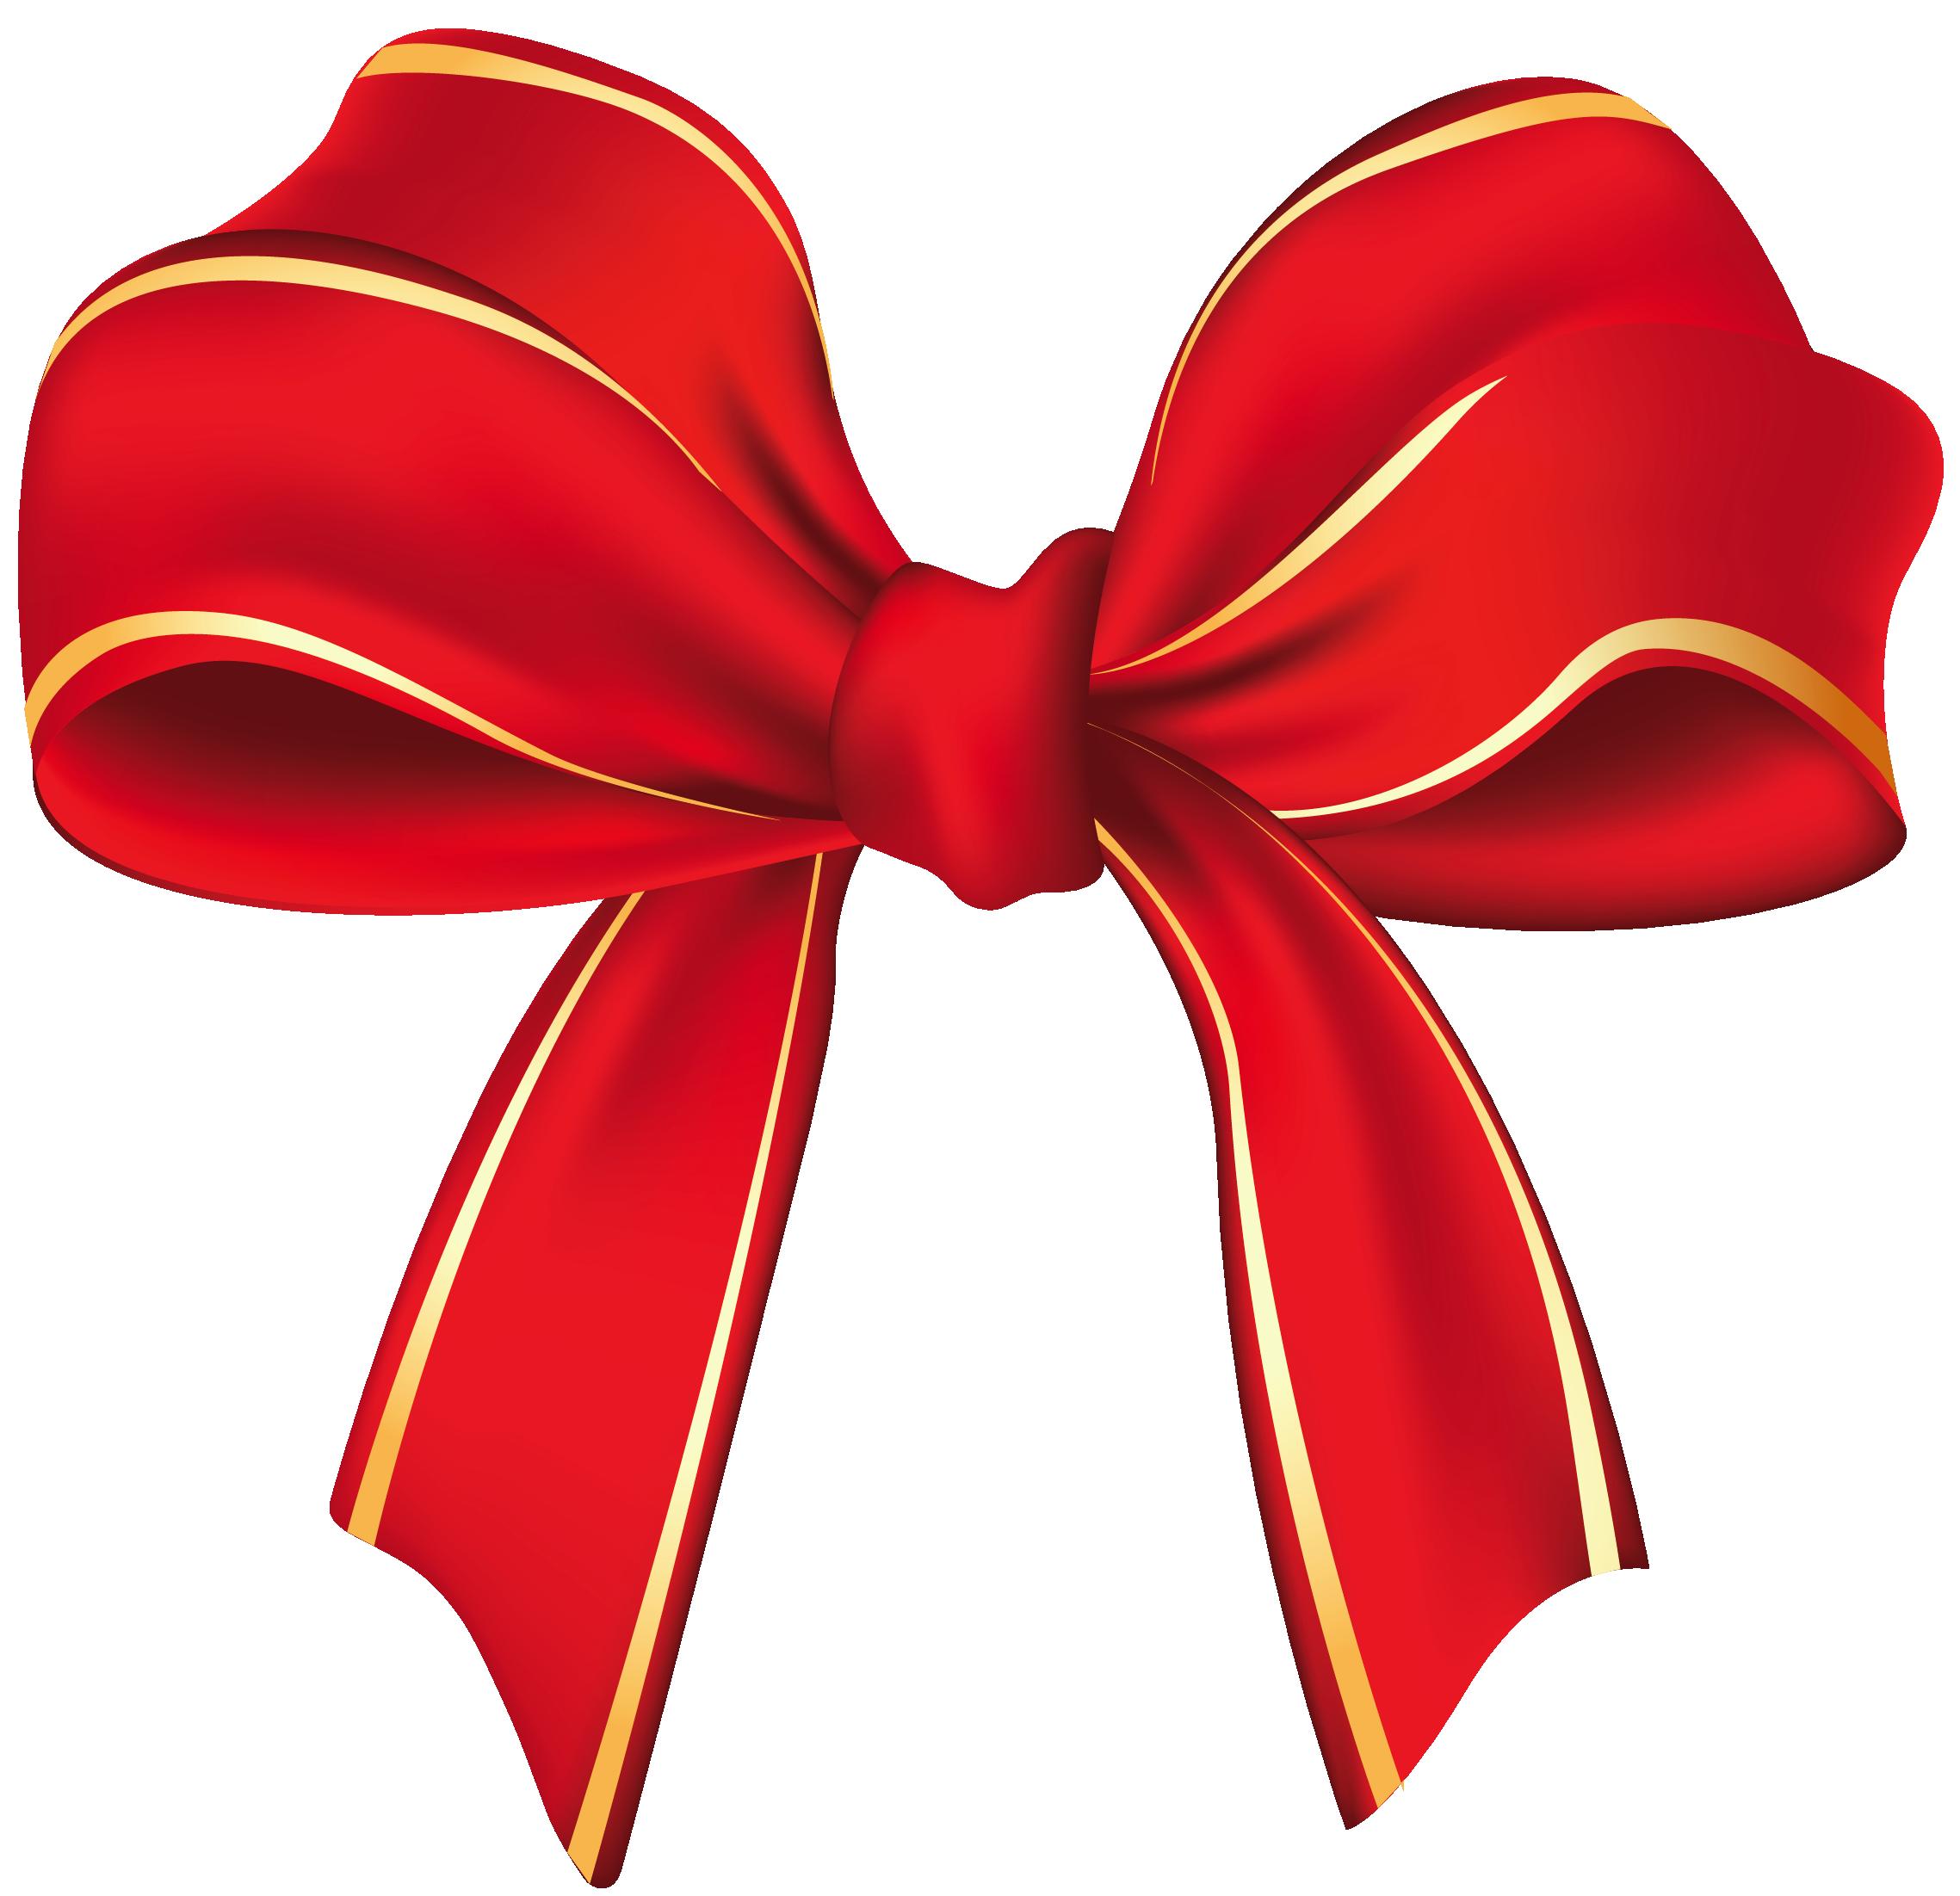 Christmas Bow Clip Art Cliparts Co-Christmas Bow Clip Art Cliparts Co-12